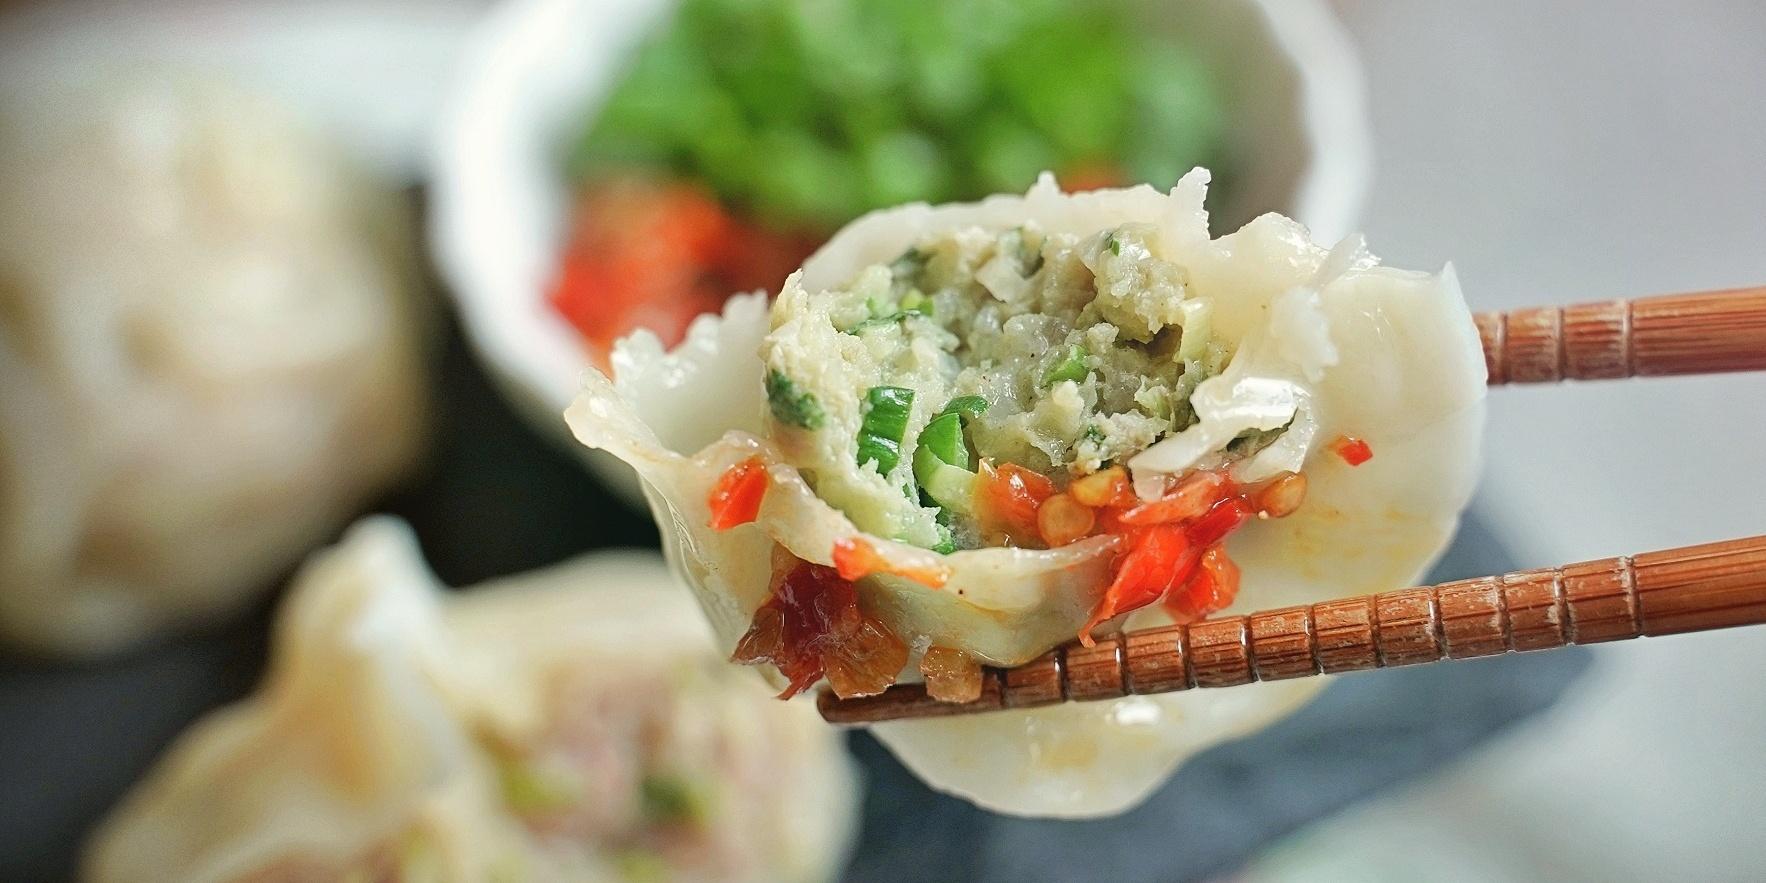 津津膳食堂|台灣溫體豬手工水餃|秘製軟嫩大雞腳|團購舒肥雞買越多越划算